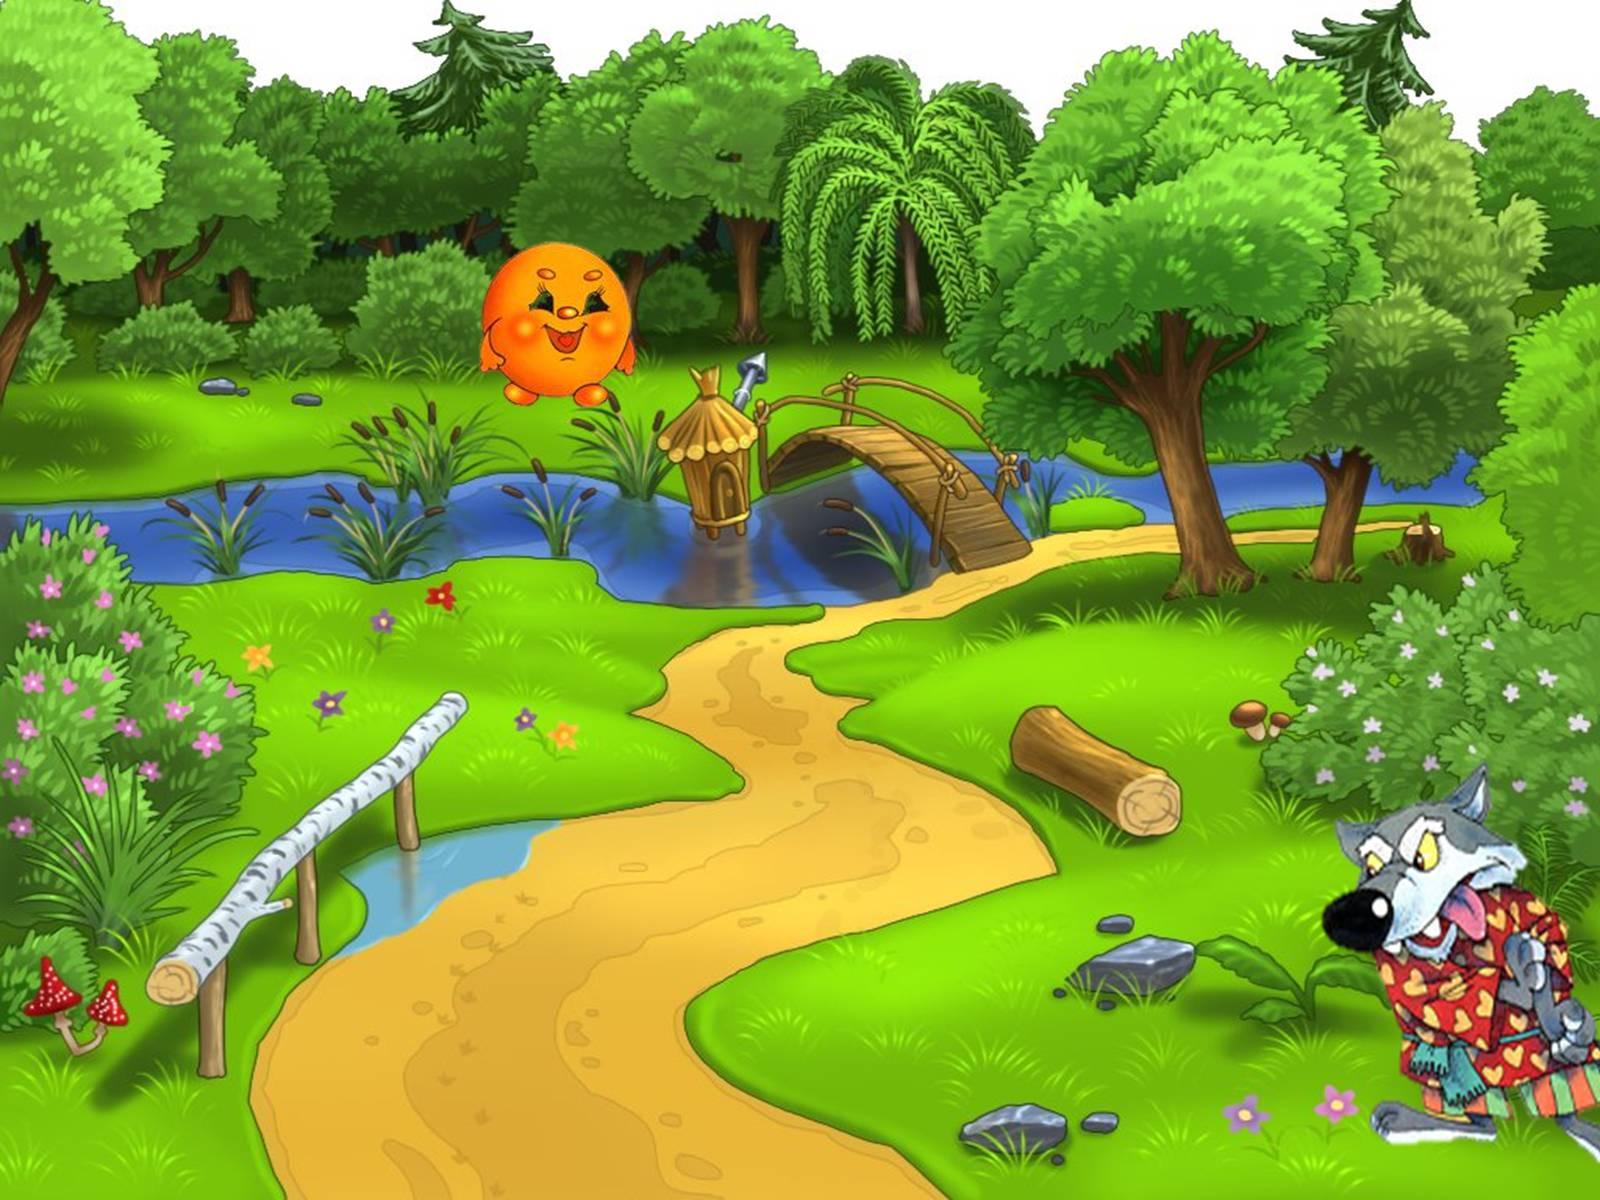 лес из сказки колобок картинки одно упражнение